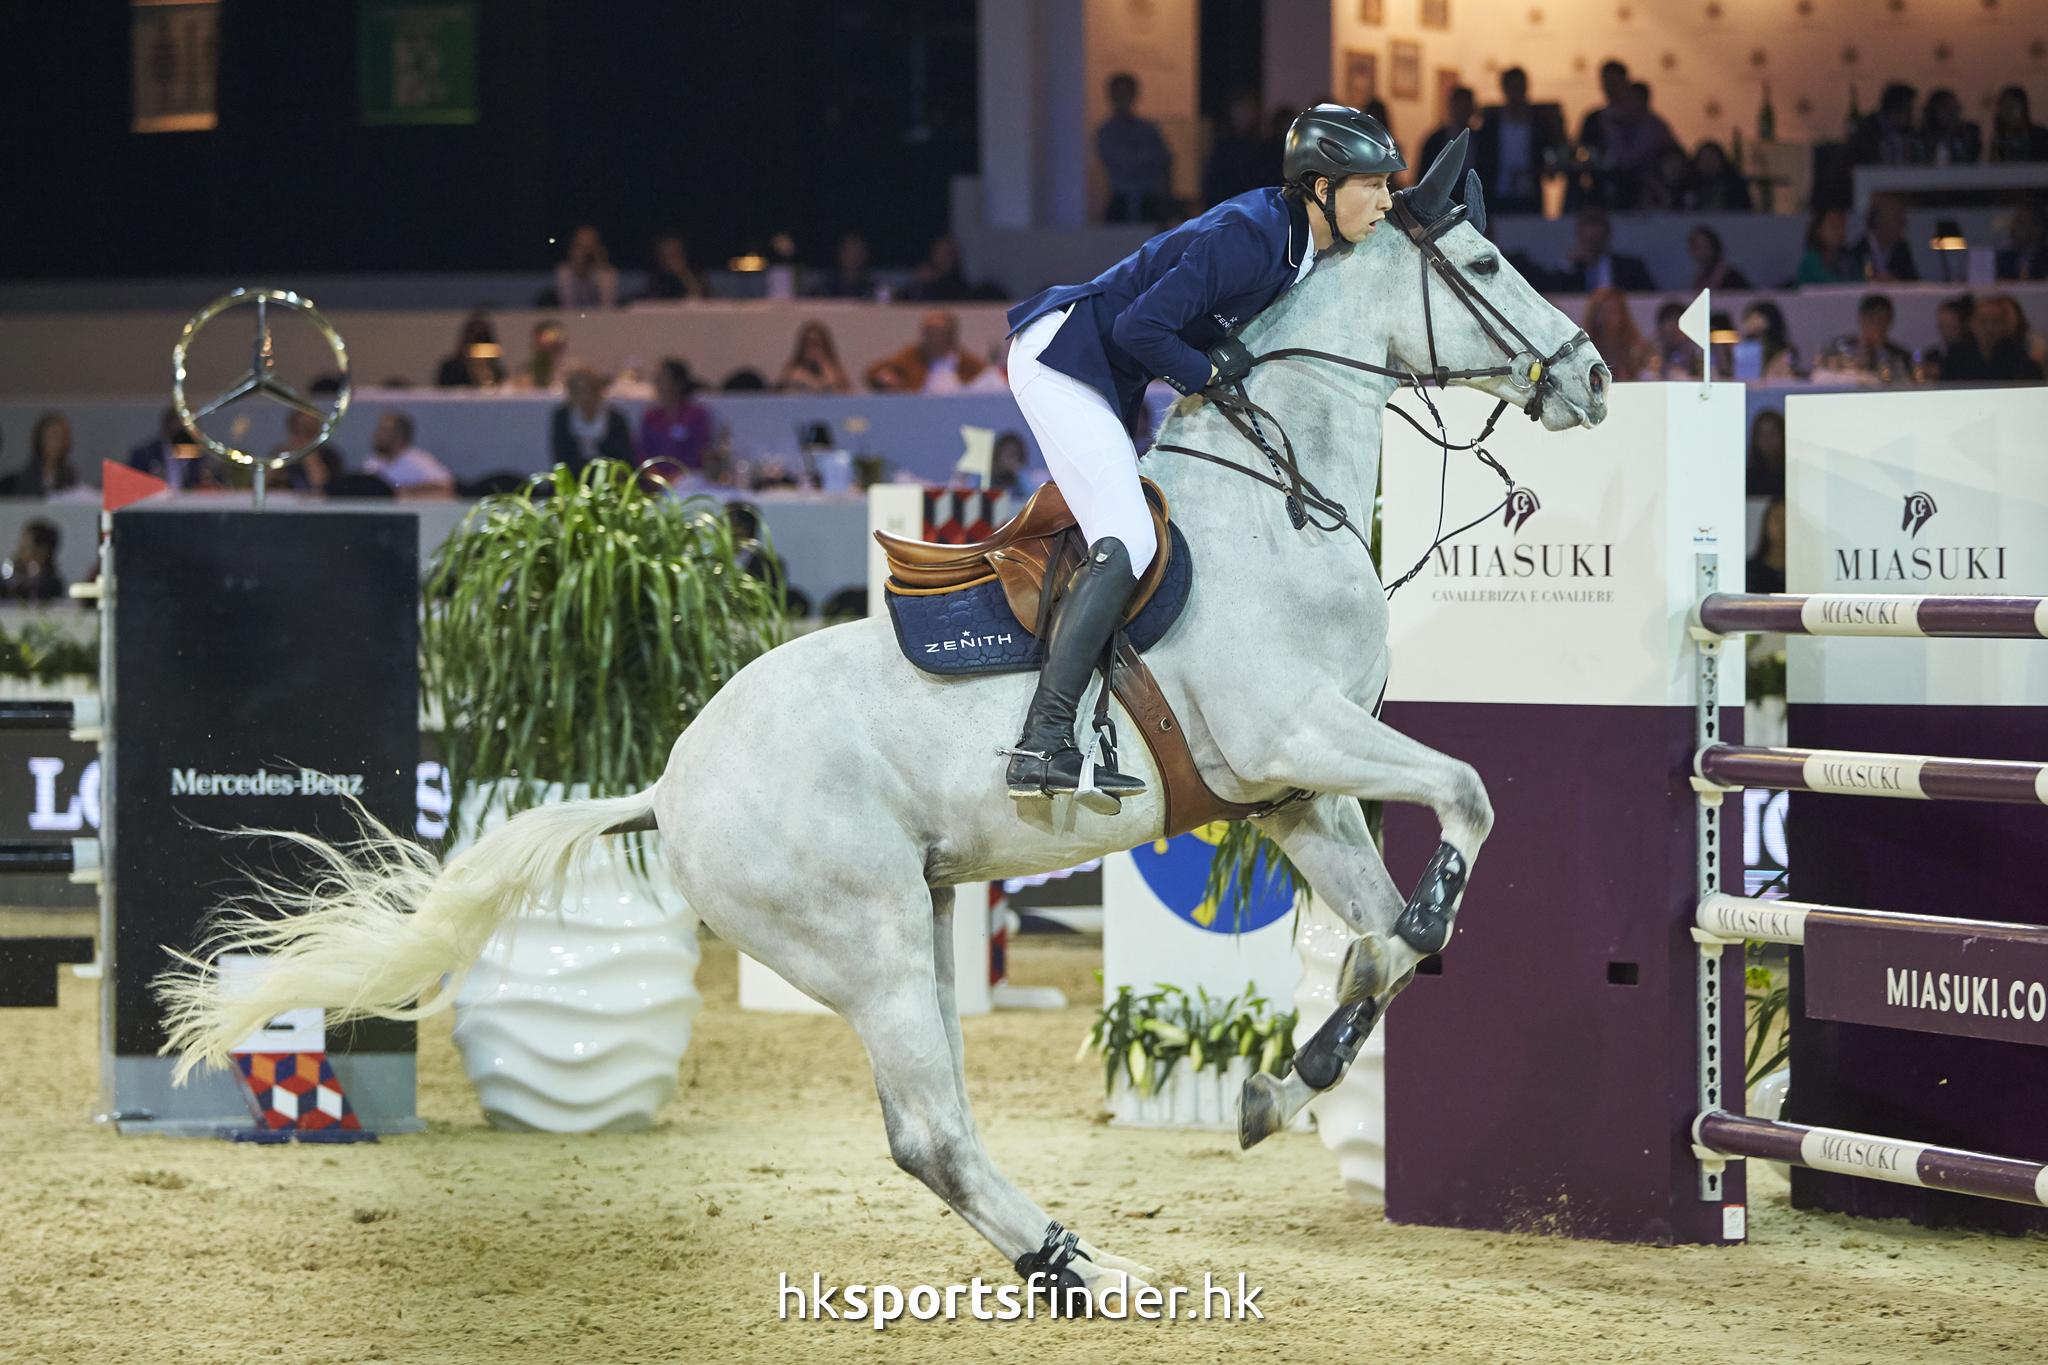 LUK_HORSE_17-02-12-16-57-08_1122.jpg